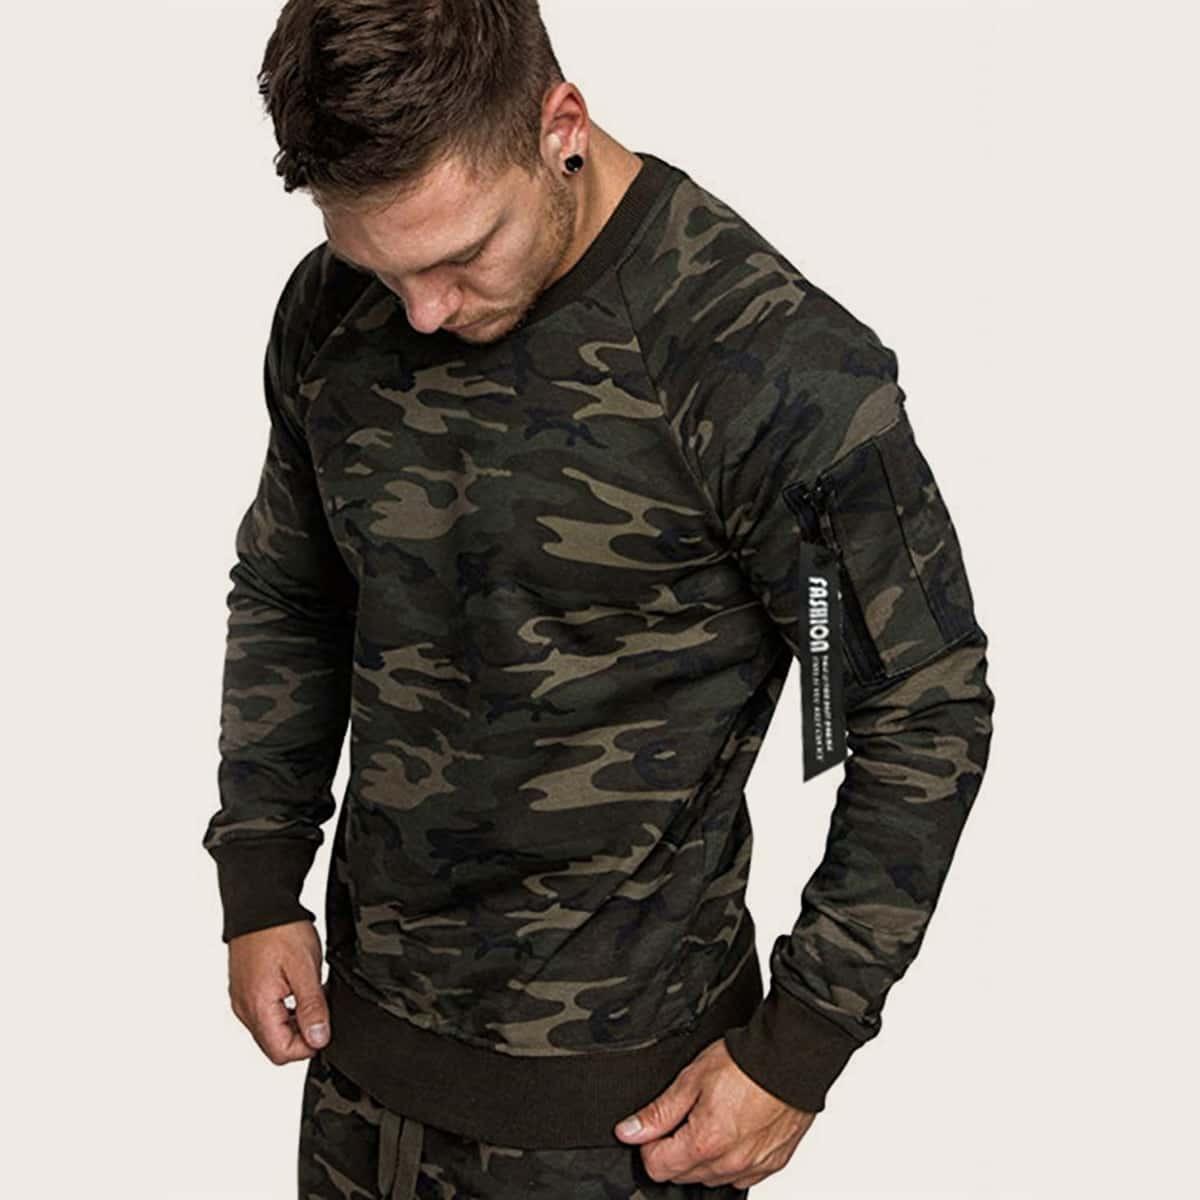 Veel kleurig Casual Zak Camouflage Sweatshirts voor heren